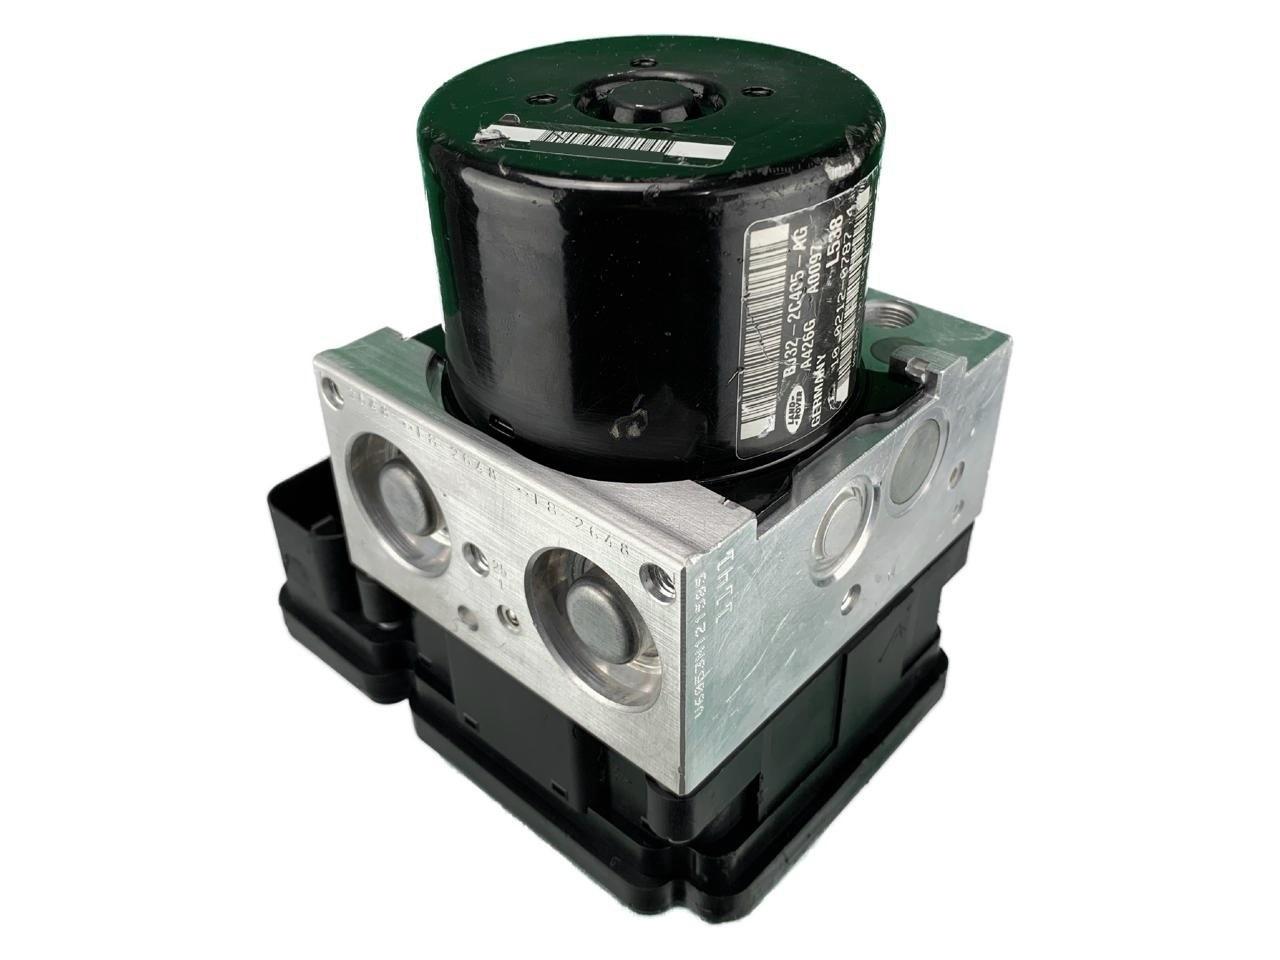 Unidade Hidraulica Bomba Modulo Central Centralina Motor de Freio Abs ECU Valvula BJ322C405AG 10021207874 28526460123 10092632283 10061939931 Range Rover Evoque 012 013 014 015